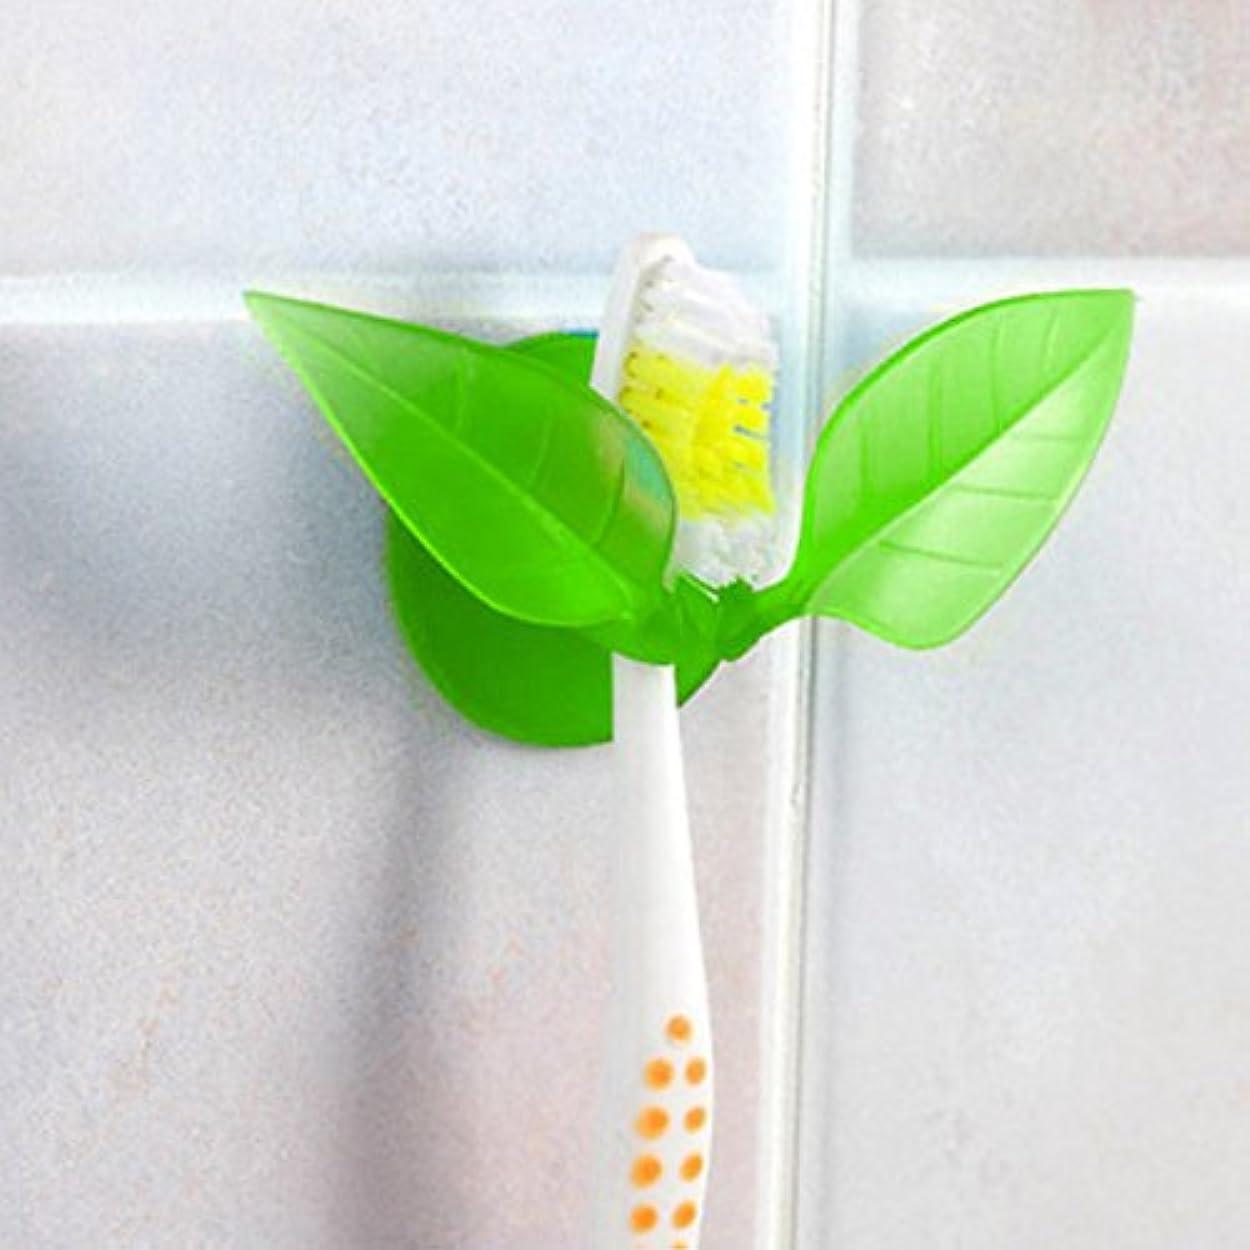 悪用文字従う歯ブラシホルダー 鏡取り付け用 吸盤付き グリーン B076FJQK1G